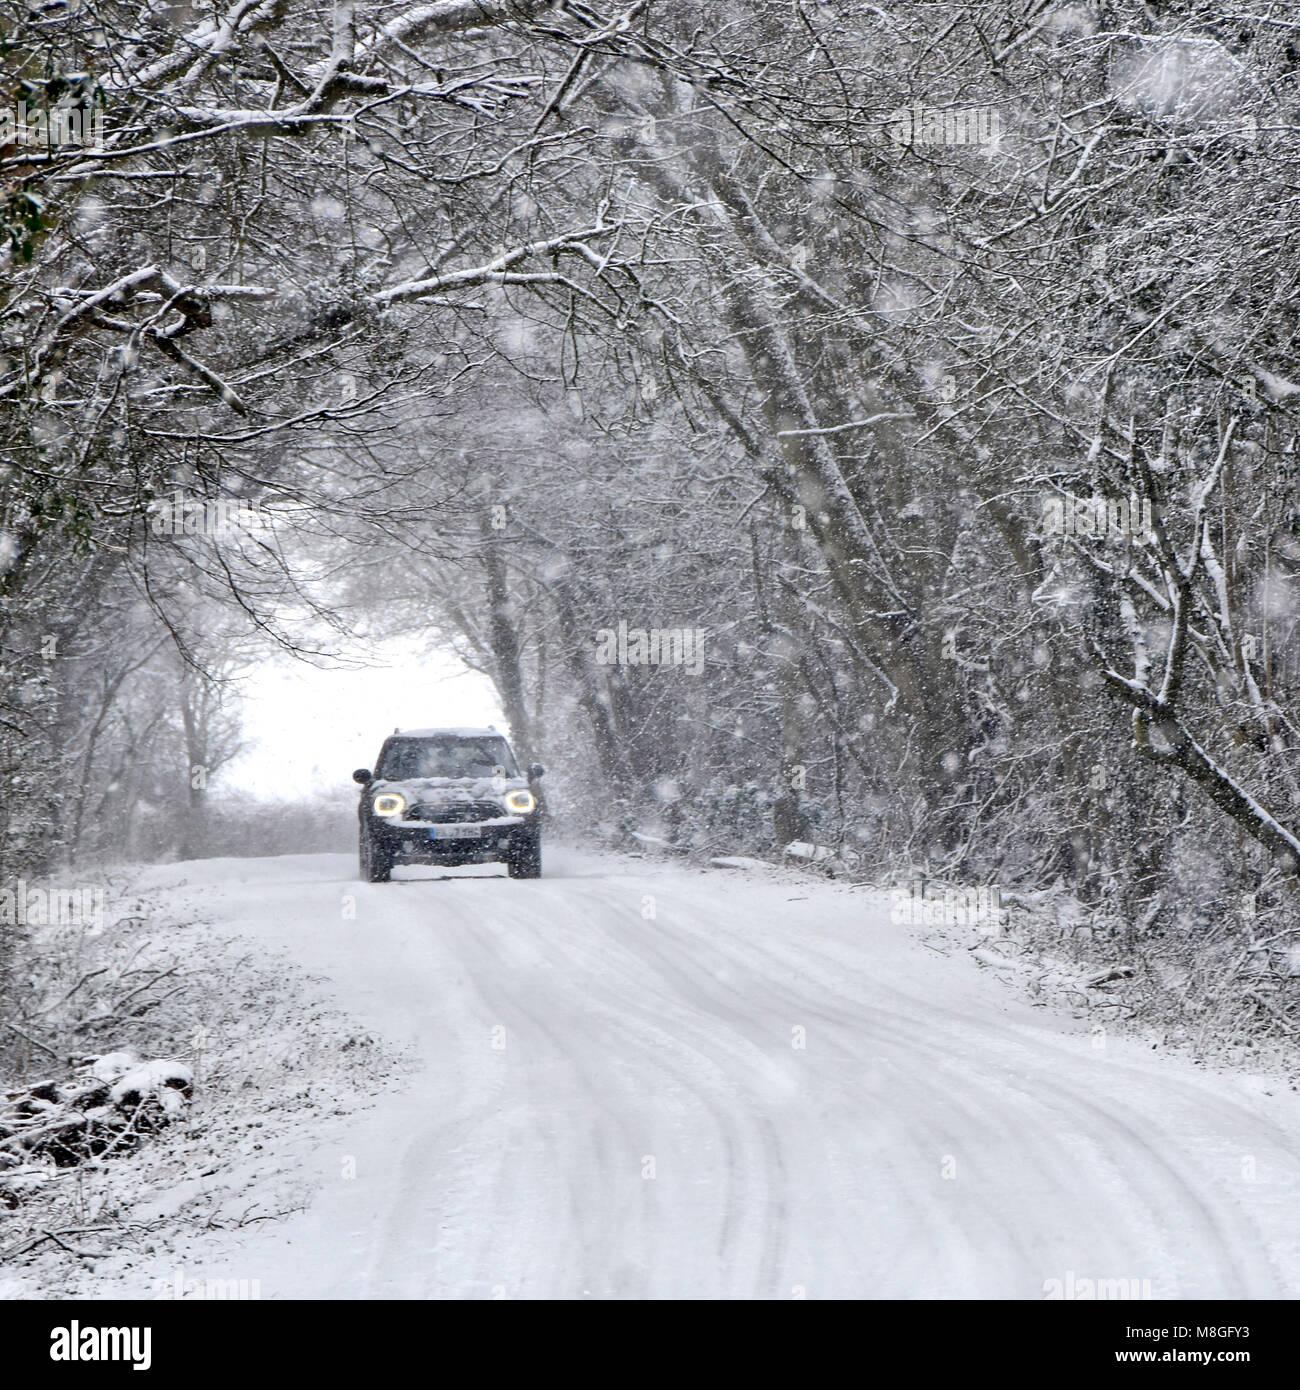 Les phares de voitures sur la conduite dans la neige qui tombe on country road tunnel arbre couvert de neige neige scène forestiers mauvais hiver météo England UK Banque D'Images